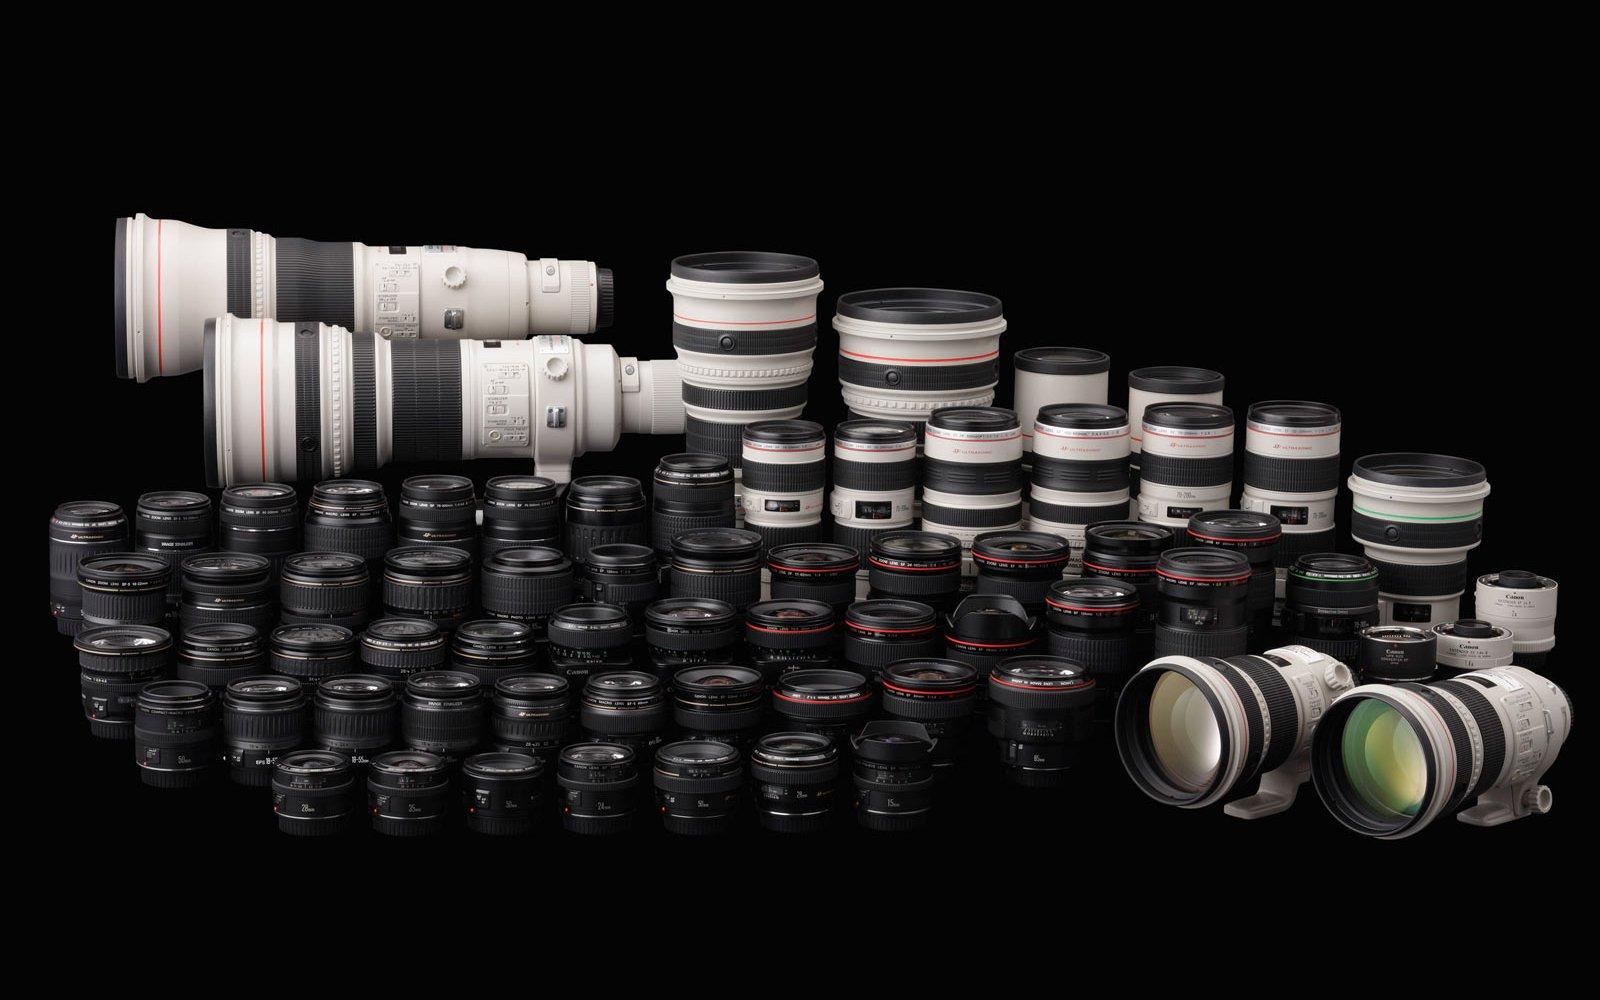 ¿Que objetivo puedo usar en mi cámara Canon?